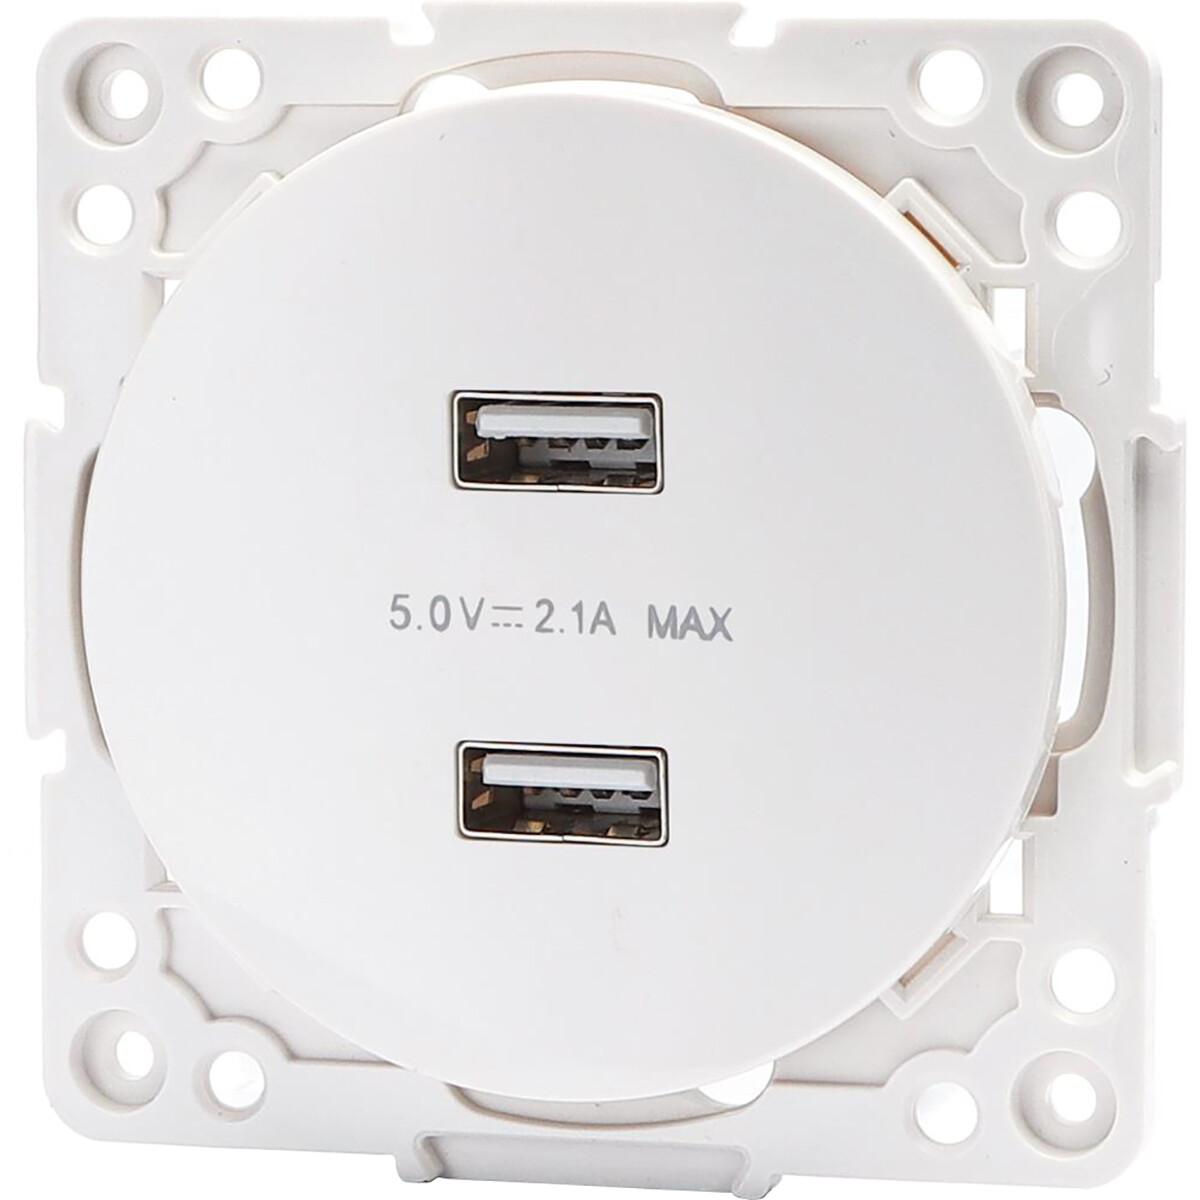 Wandcontactdoos - Aigi Jura - Inbouw - Rond - Kunststof - 2-voudig USB Aansluiting - Wit